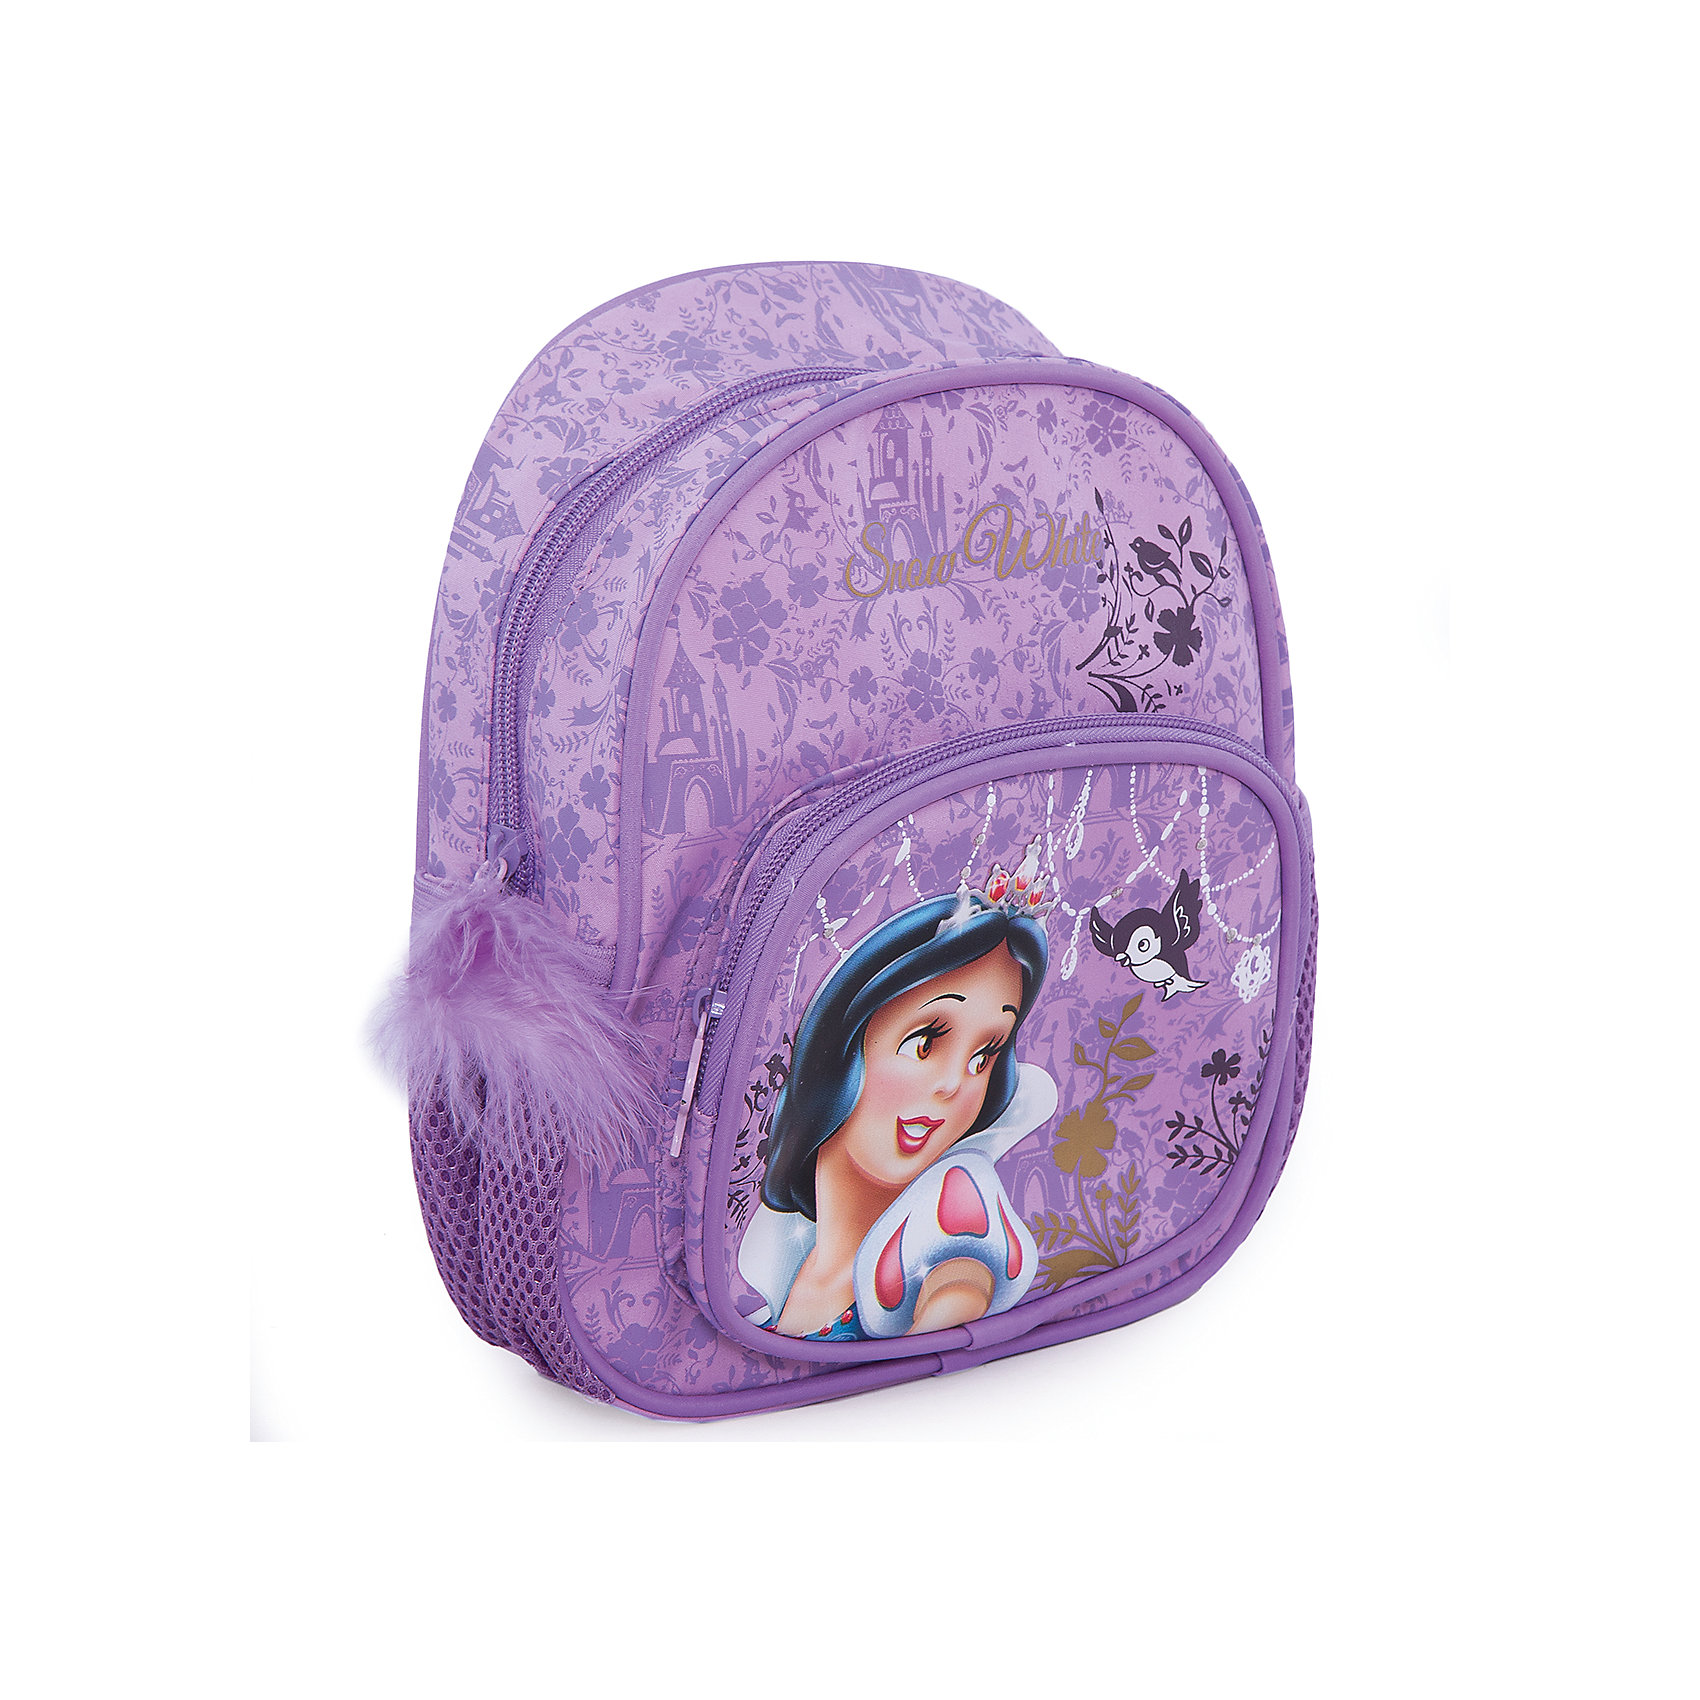 Мини-рюкзак ПринцессаМини-рюкзак Принцесса - удобный стильный рюкзак, который замечательно подойдет для прогулок, поездок и путешествий  Рюкзак выполнен из прочного долговечного материала. Привлекательный дизайн с нежно-фиолетовой расцветкой и изображением очаровательной диснеевской принцессы обязательно понравится Вашей девочке. Внутри одно просторное отделение на молнии, также имеется большой накладной карман на молнии на лицевой стороне и два сетчатых кармашка по бокам. Рюкзак оснащен удобными регулируемыми лямками и текстильной ручкой для переноски в руках.<br><br>Дополнительная информация:<br><br>- Материал: полиэстер.  <br>- Размер: 24 х 20 х 8 см.<br>- Вес: 0,208 кг.<br><br>Мини-рюкзак Принцесса можно купить в нашем интернет-магазине.<br><br>Ширина мм: 200<br>Глубина мм: 240<br>Высота мм: 80<br>Вес г: 208<br>Возраст от месяцев: 36<br>Возраст до месяцев: 84<br>Пол: Женский<br>Возраст: Детский<br>SKU: 4413567